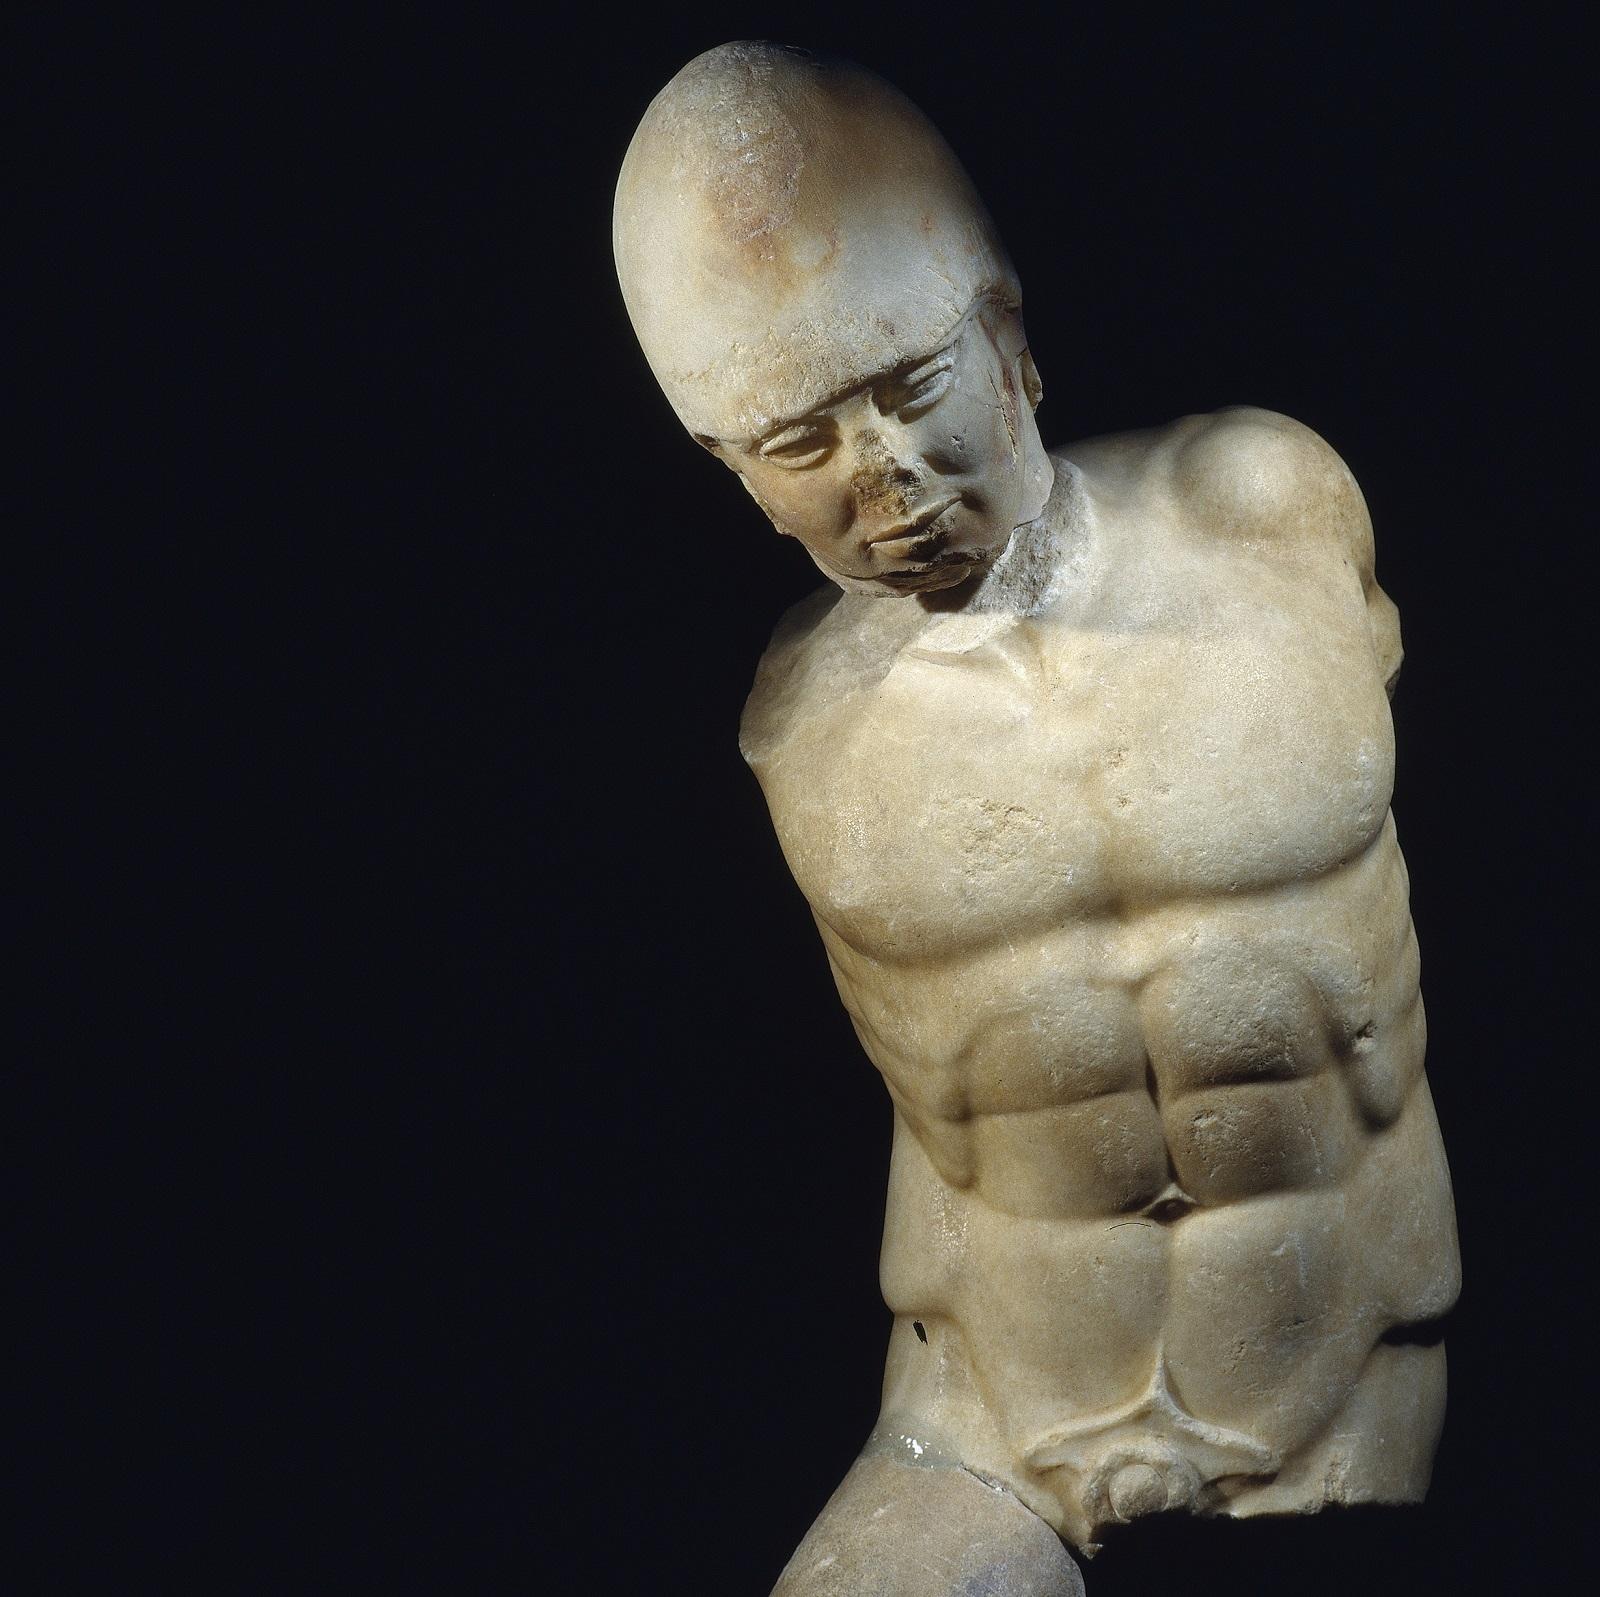 Marmeren standbeeld van een strijder, Akragas, Sicilië, c.470 BC Museo Archeologico Regionale di Agrigento © Regione Siciliana